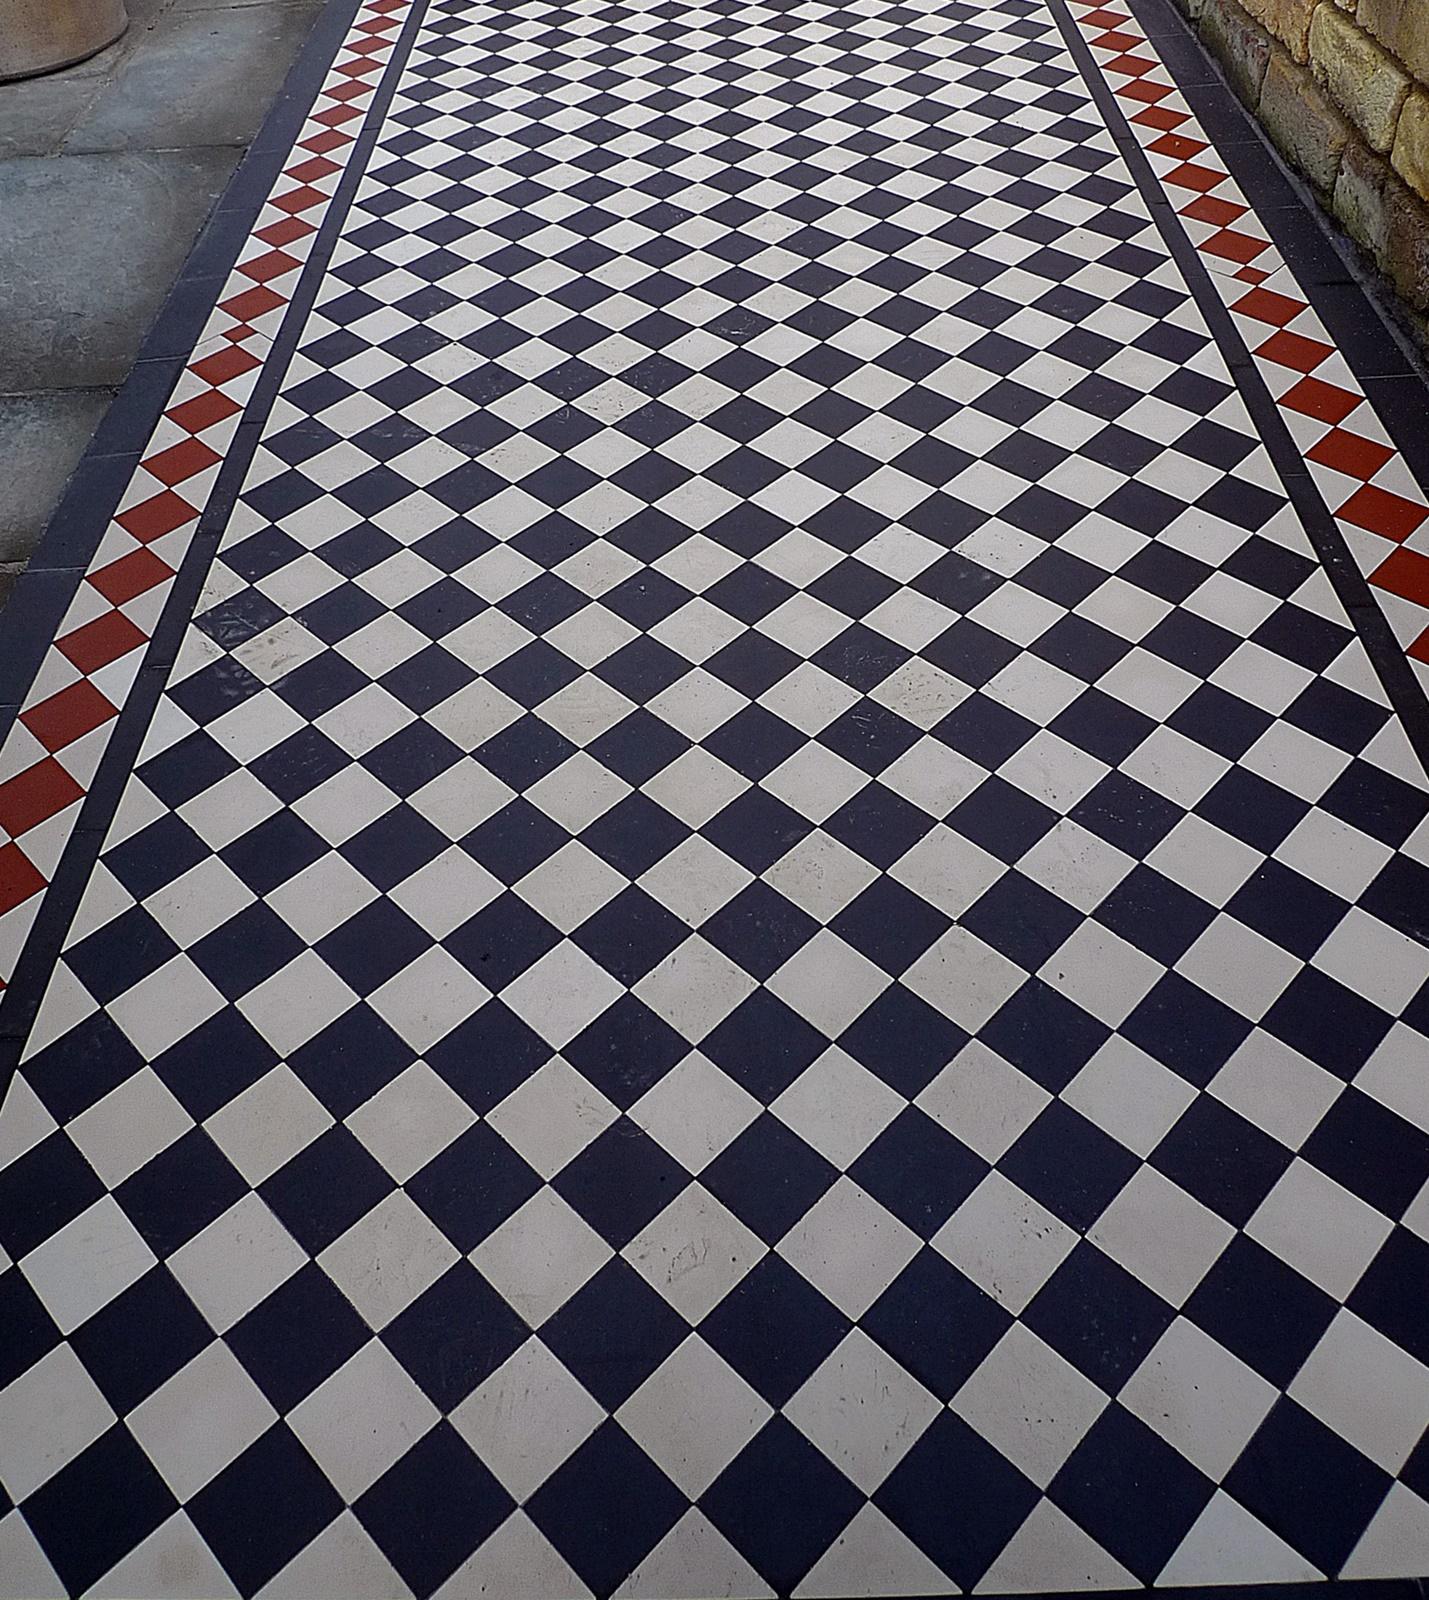 Victorian Mosaic London Battersea Clapham Wandsworth Balham Dulwich Peckham